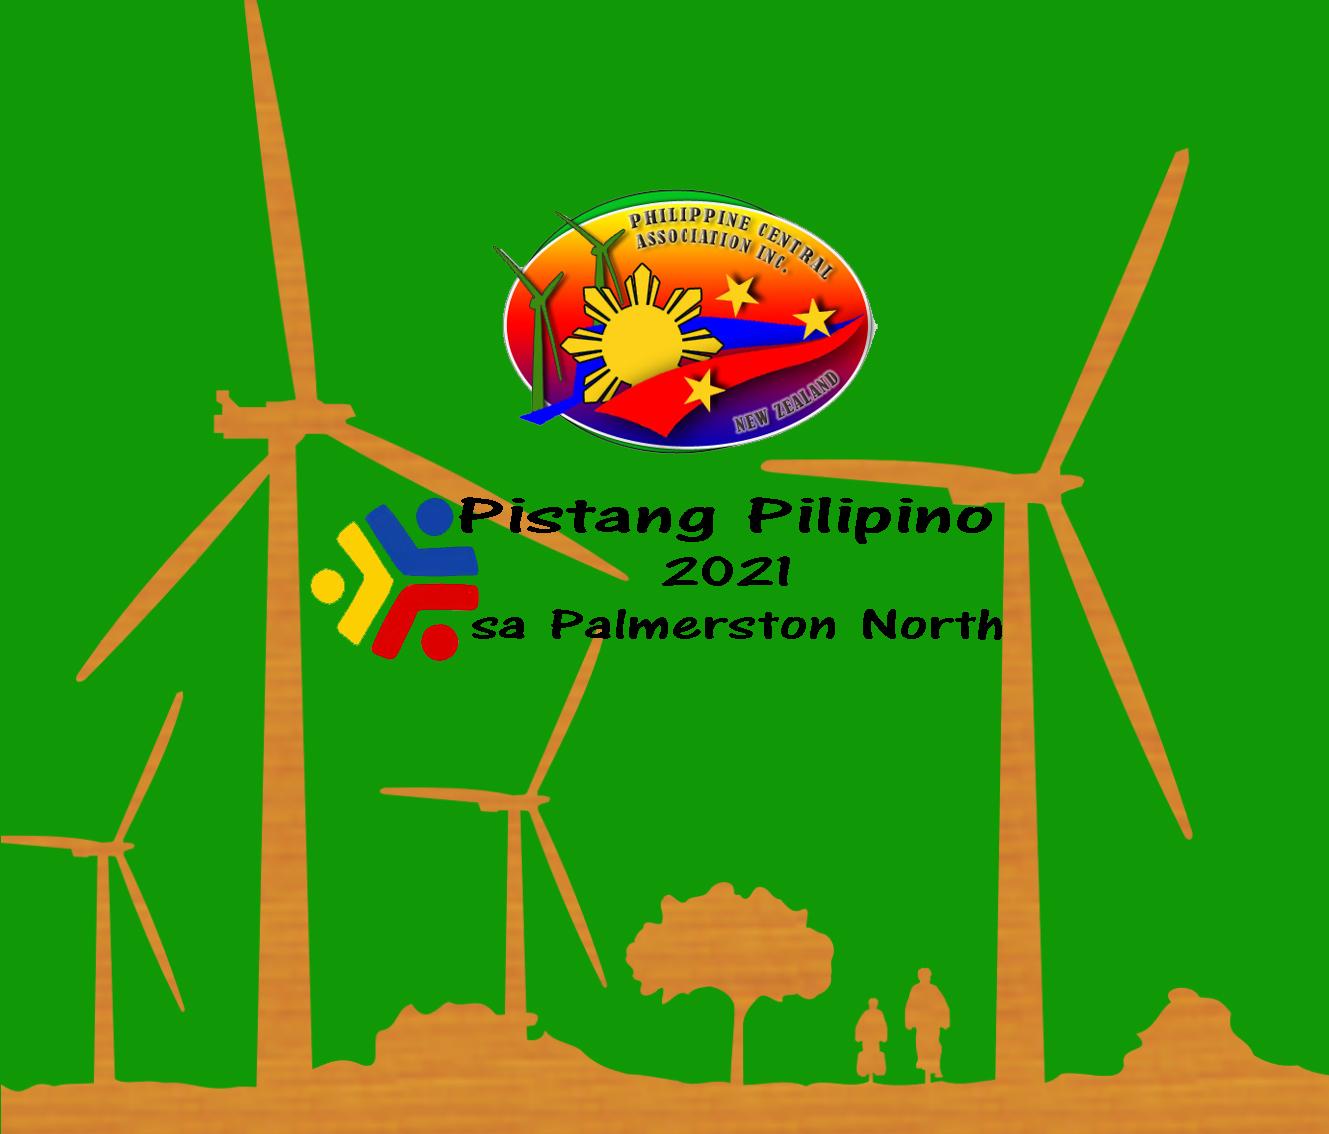 Pistang Pilipino 2021